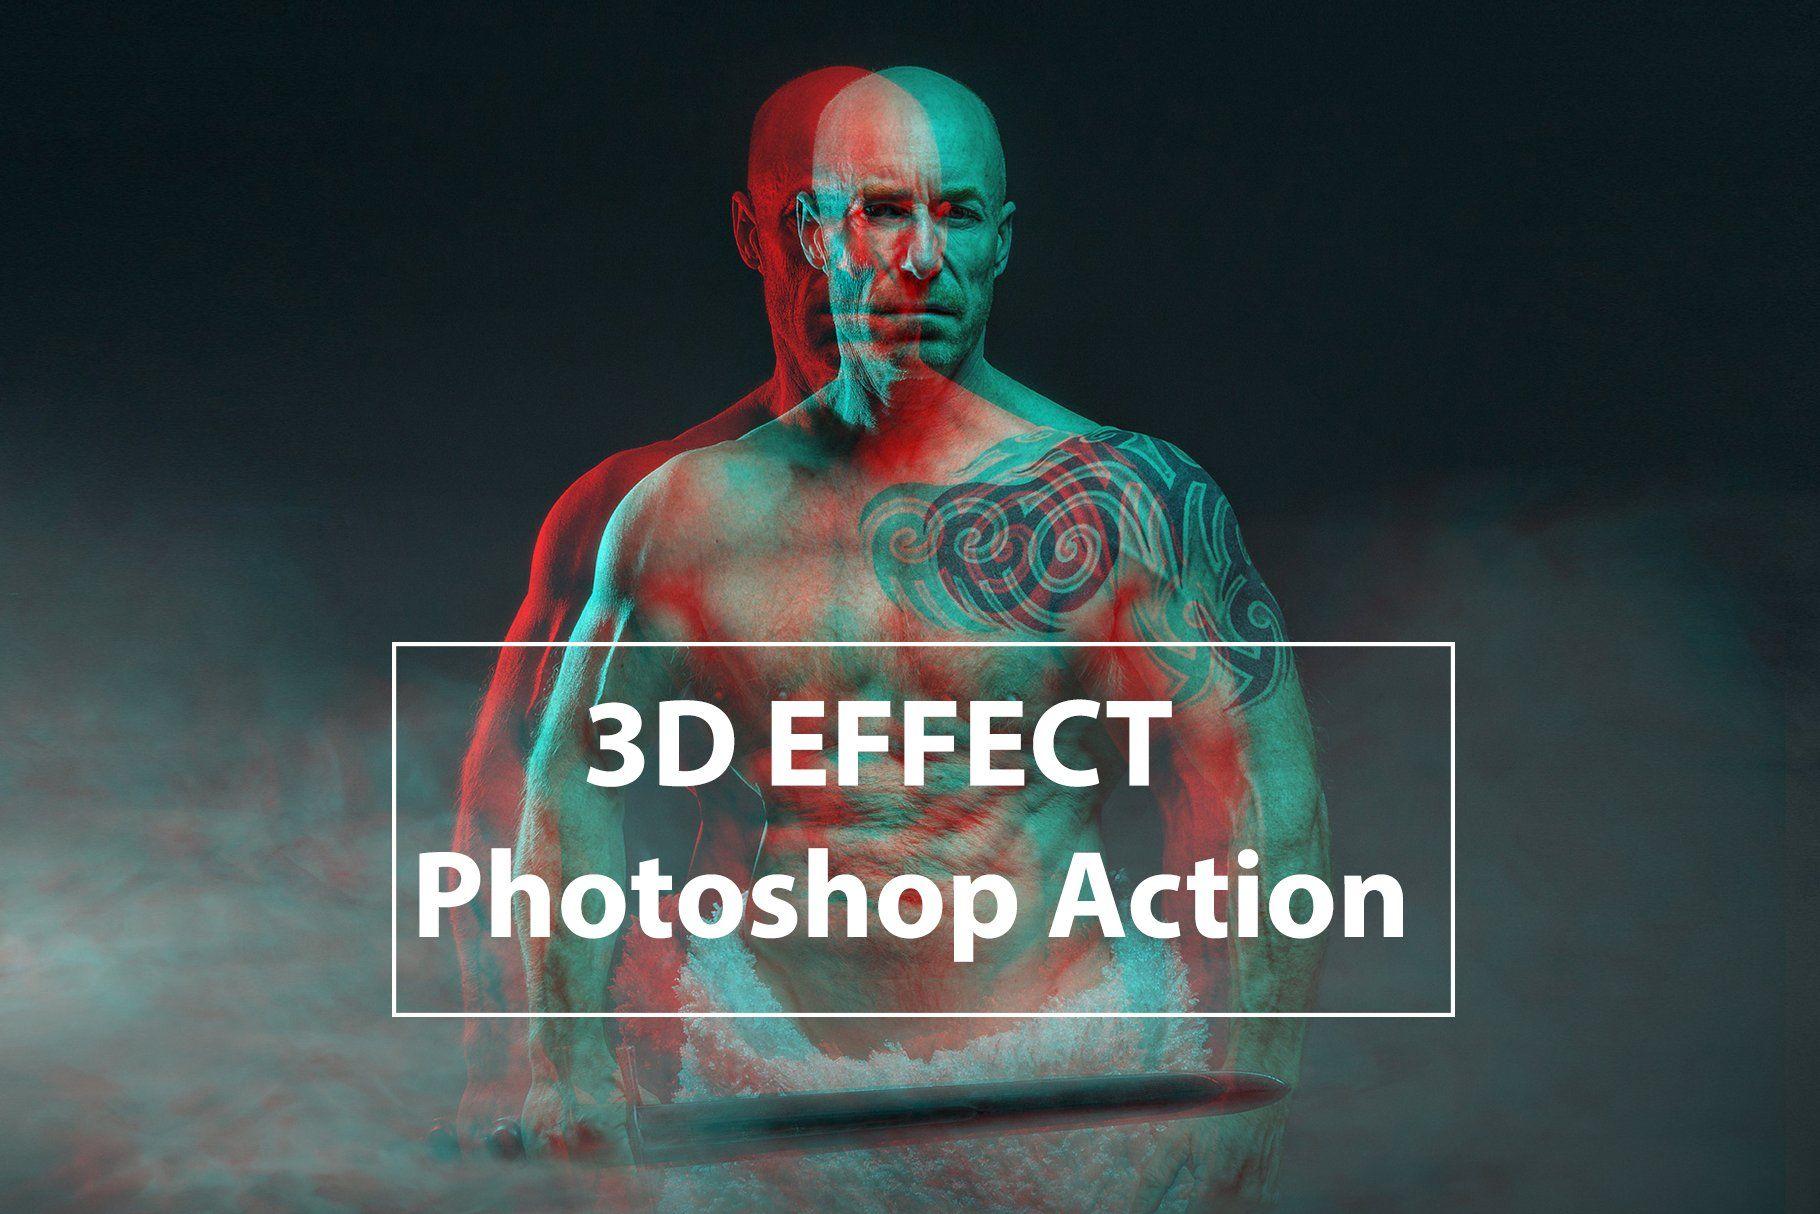 3d Effect Photo Shop Action Photoshop Actions Photoshop Amazing Photoshop